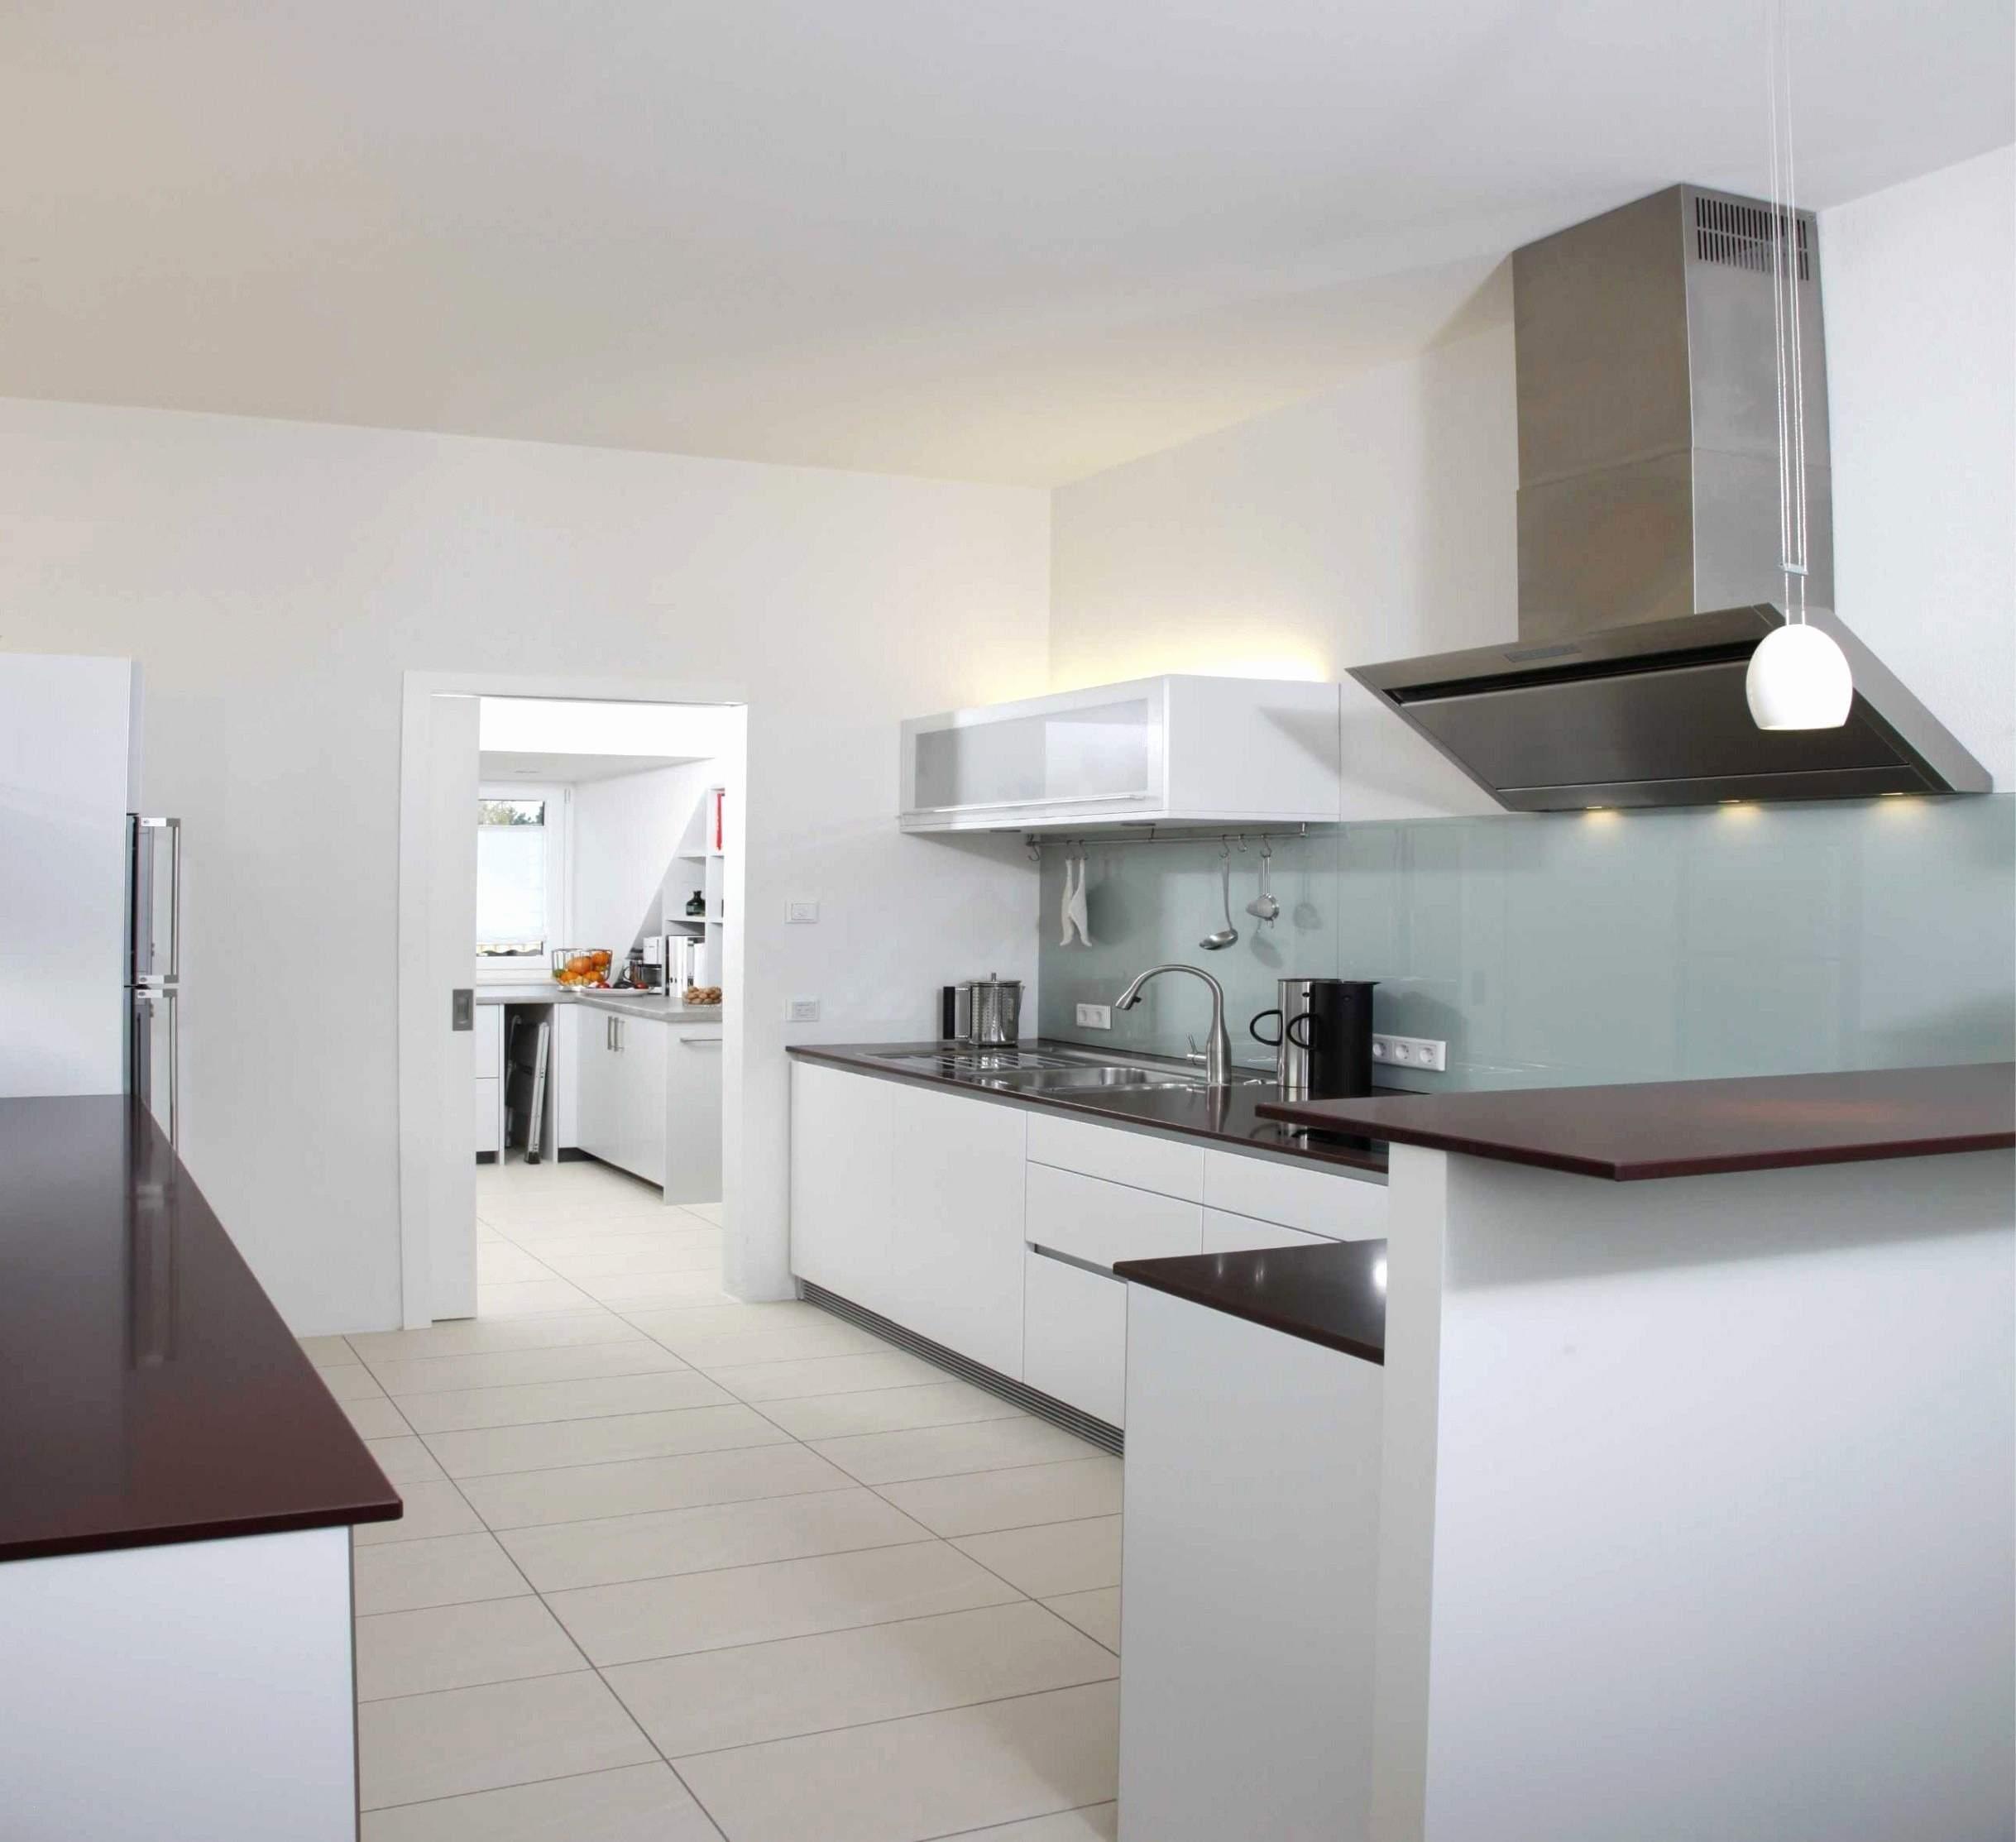 Full Size of Küchen Raffrollo Wohnzimmer Modern Reizend Kuche Frisch Küche Regal Wohnzimmer Küchen Raffrollo